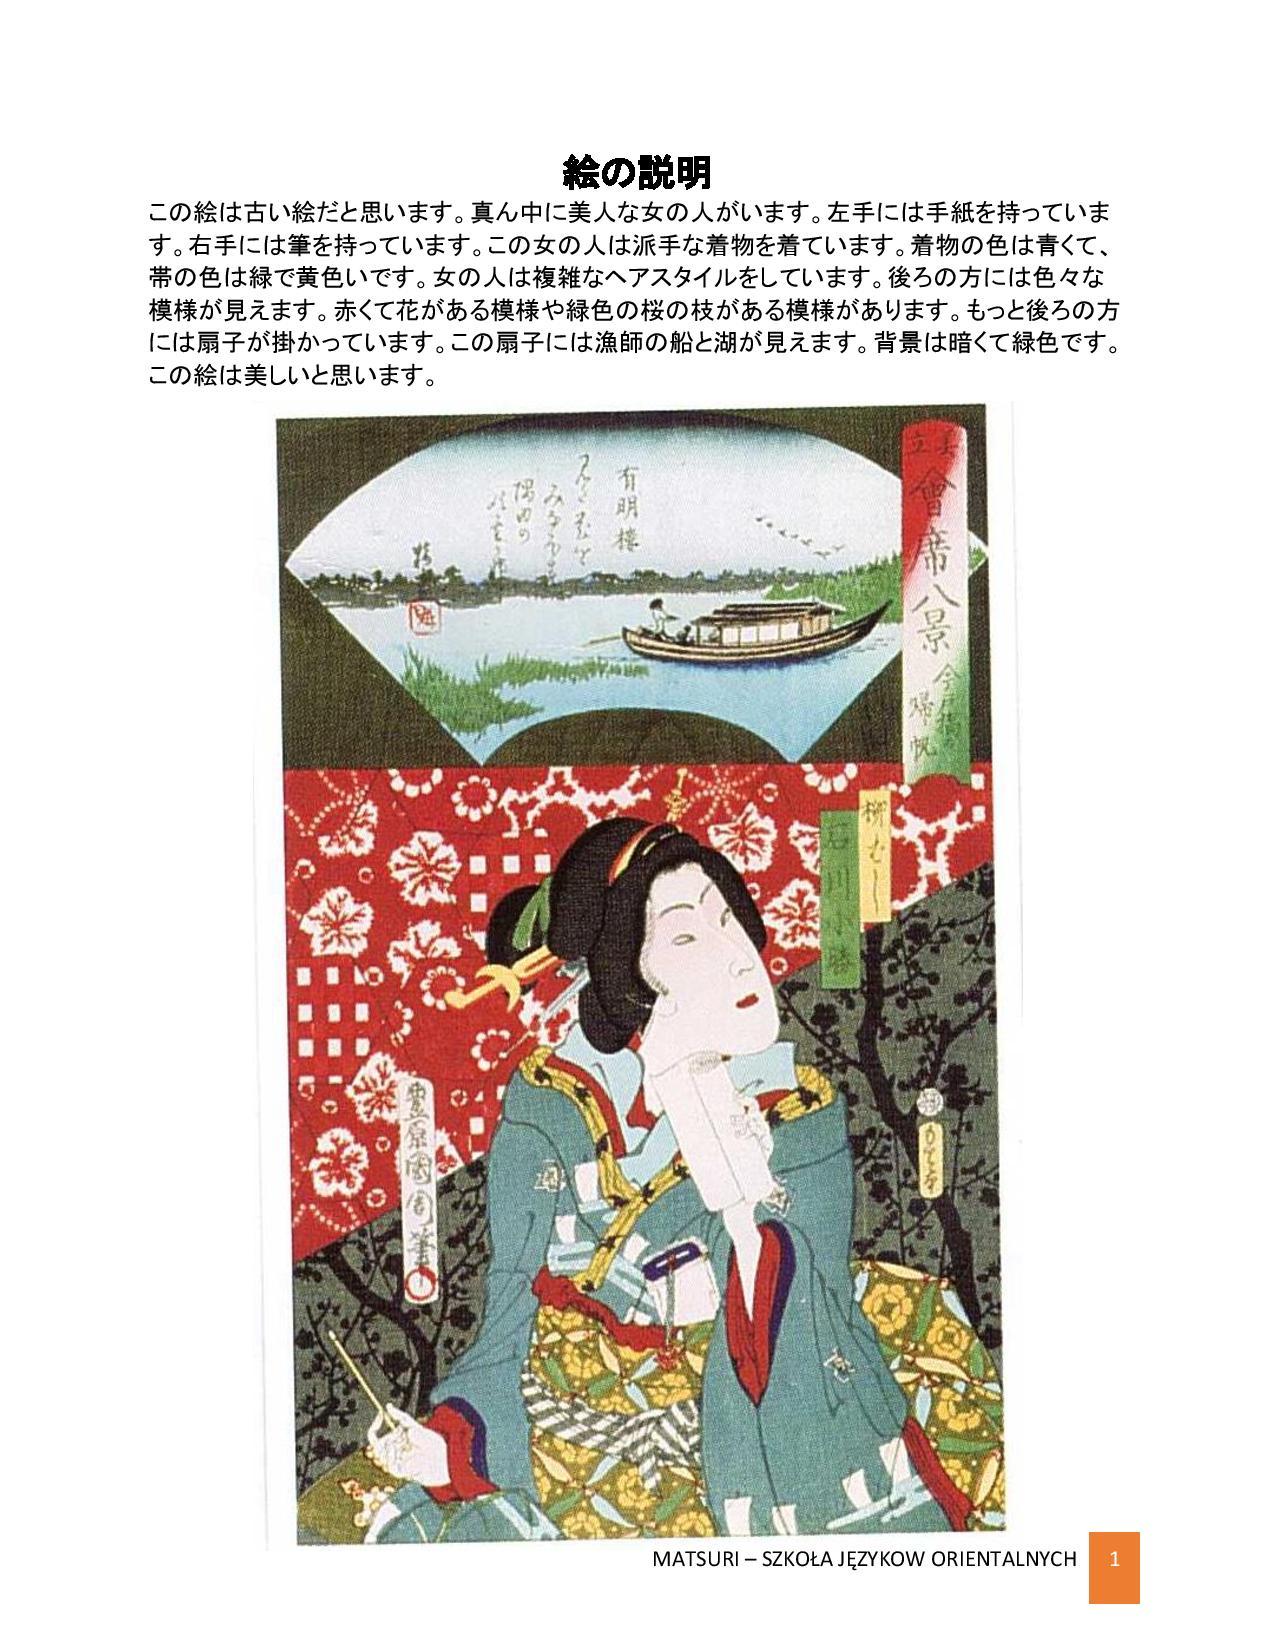 絵の説明-page-001